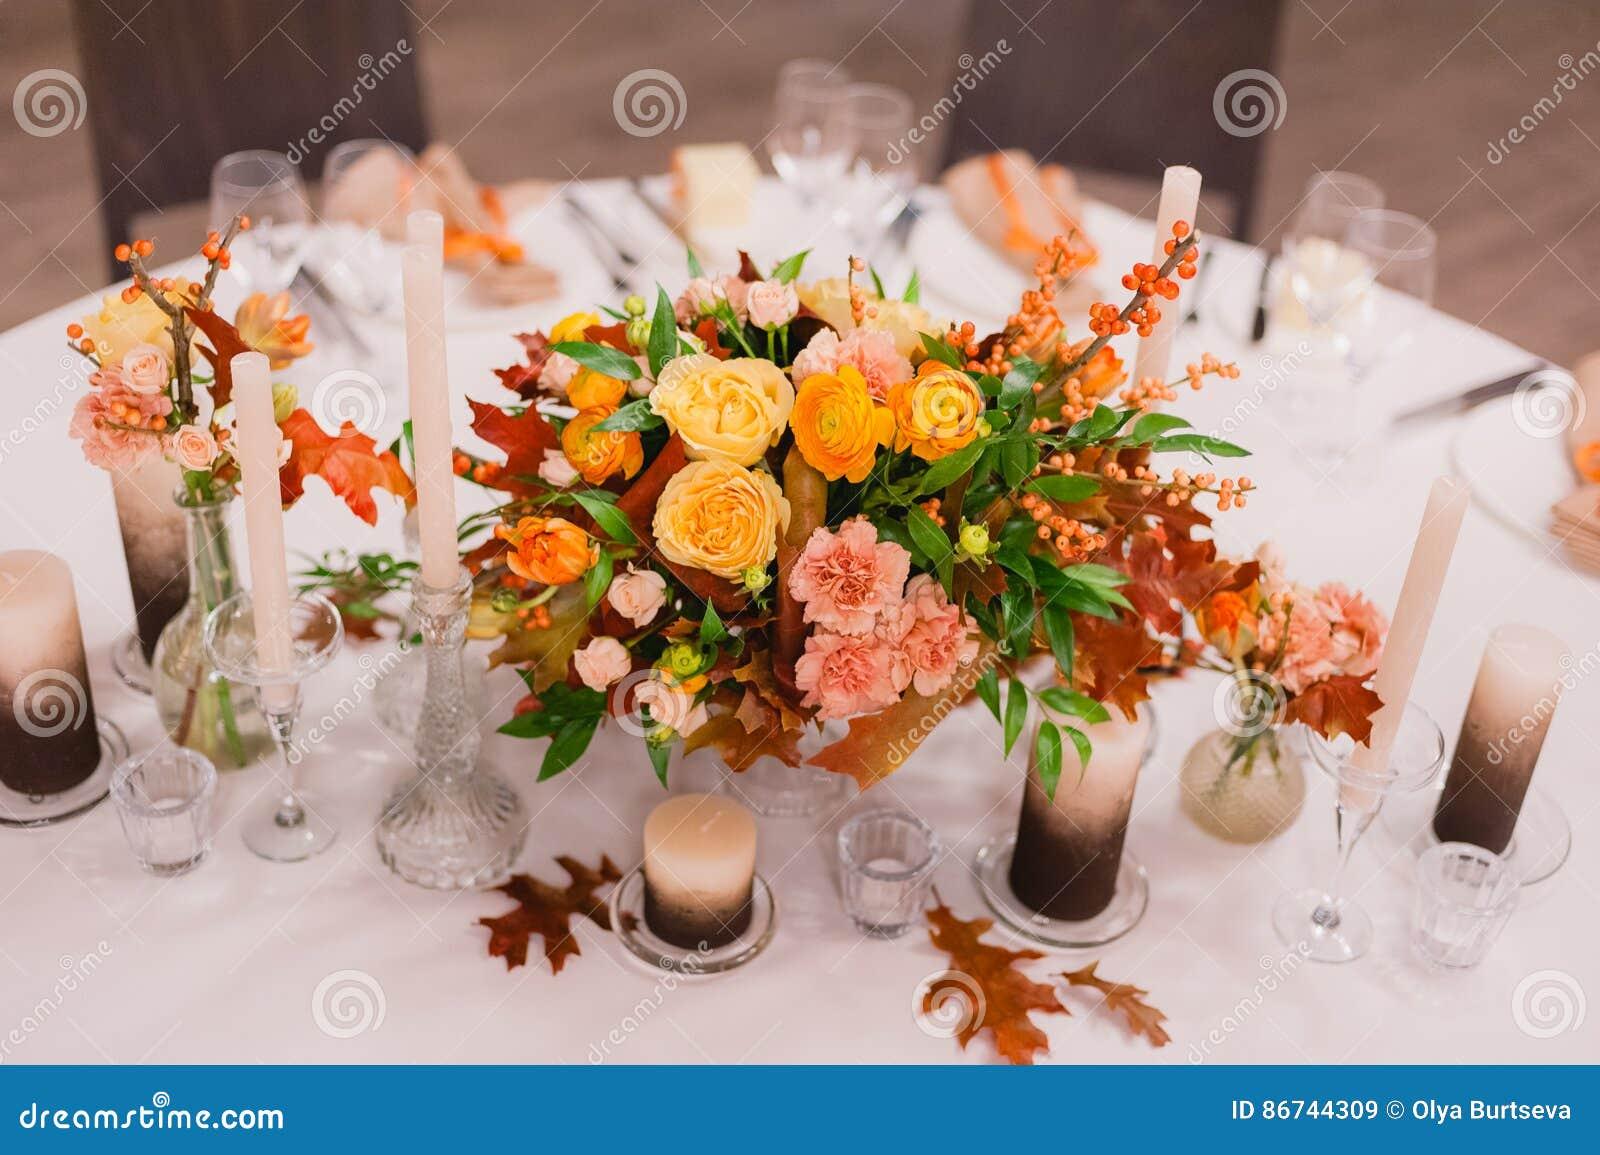 Decoration De Mariage Des Fleurs Fraiches Image Stock Image Du